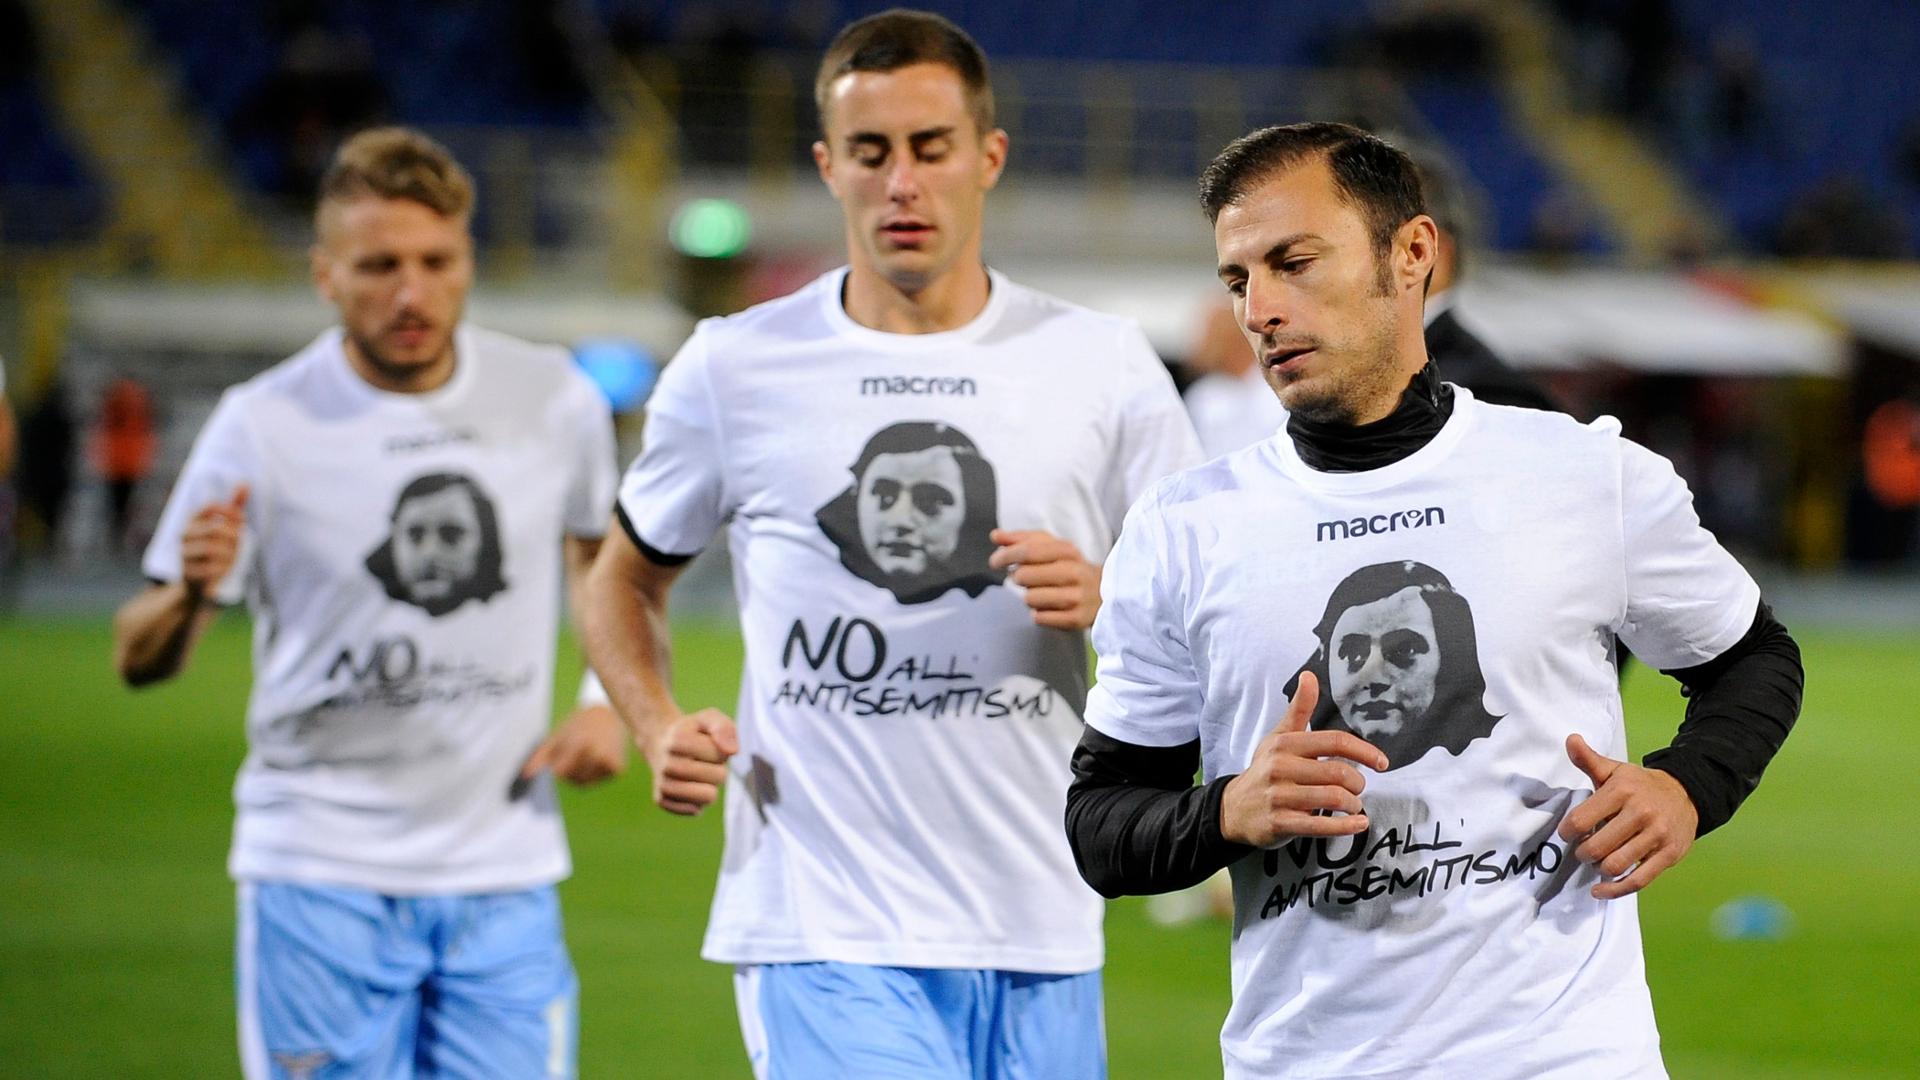 Lazio anti-semitism tee-shirts